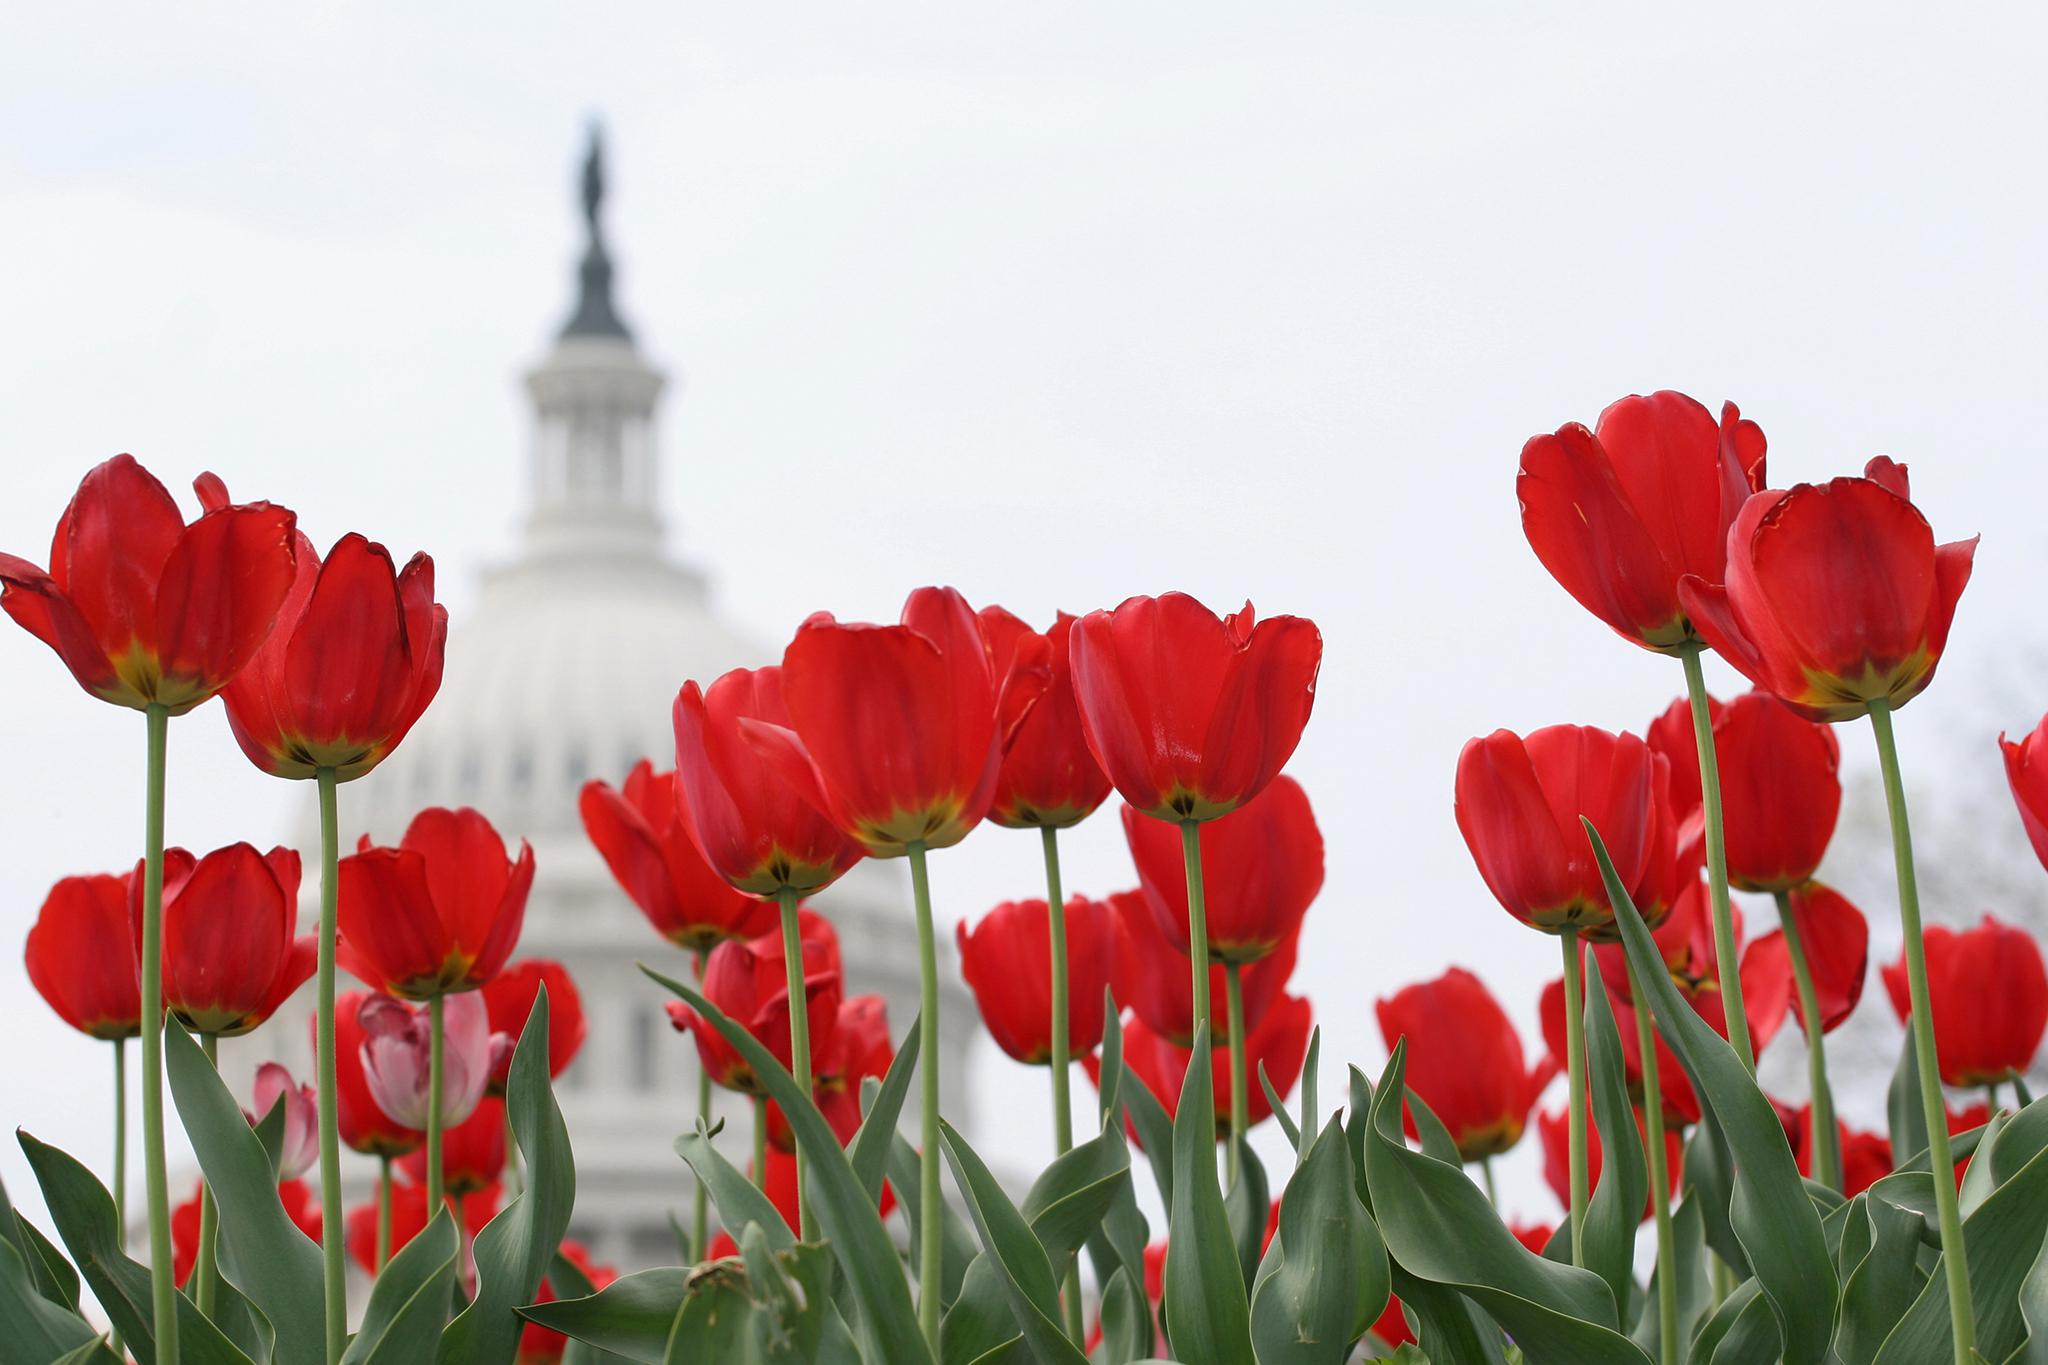 Cool Washington, DC tours worth taking